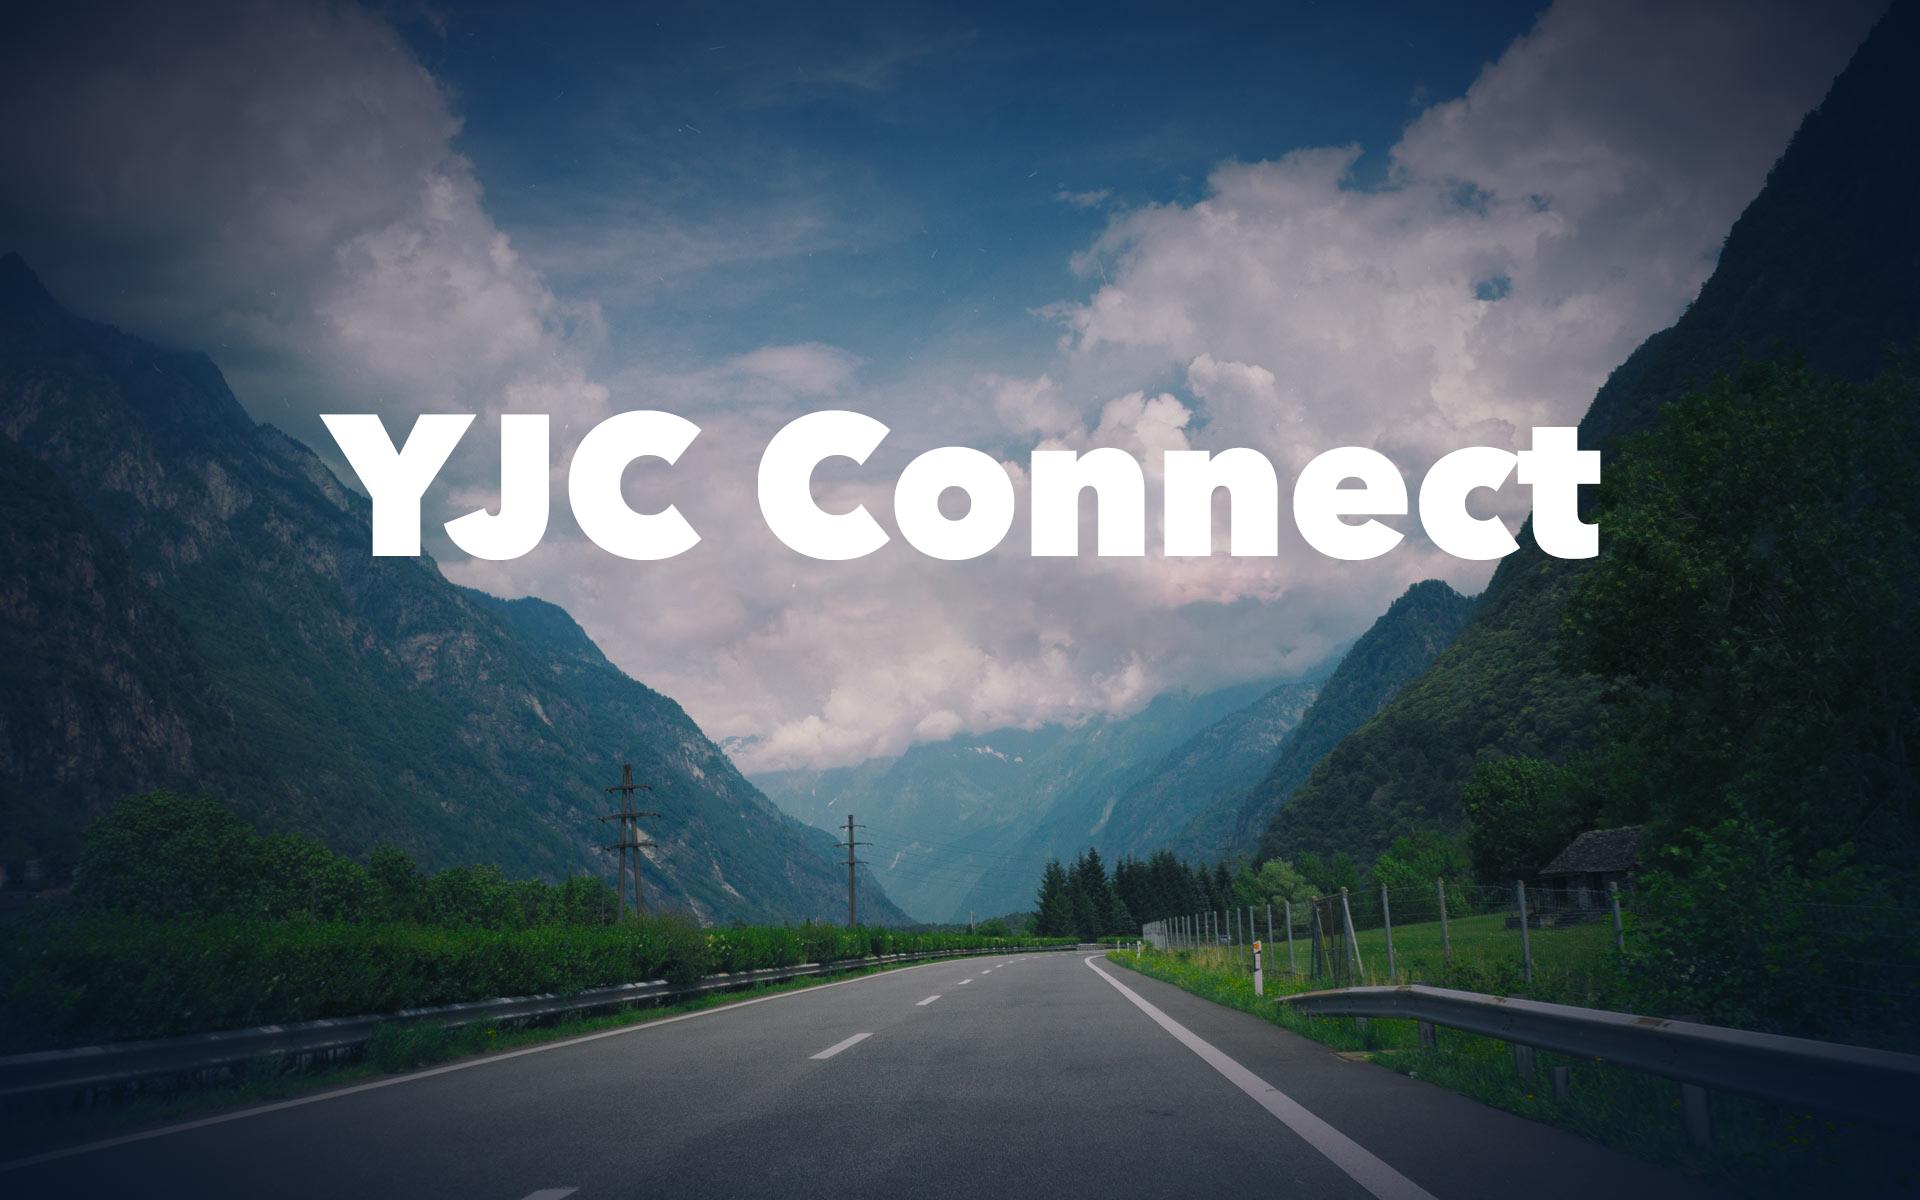 YJC Cover Slide 1